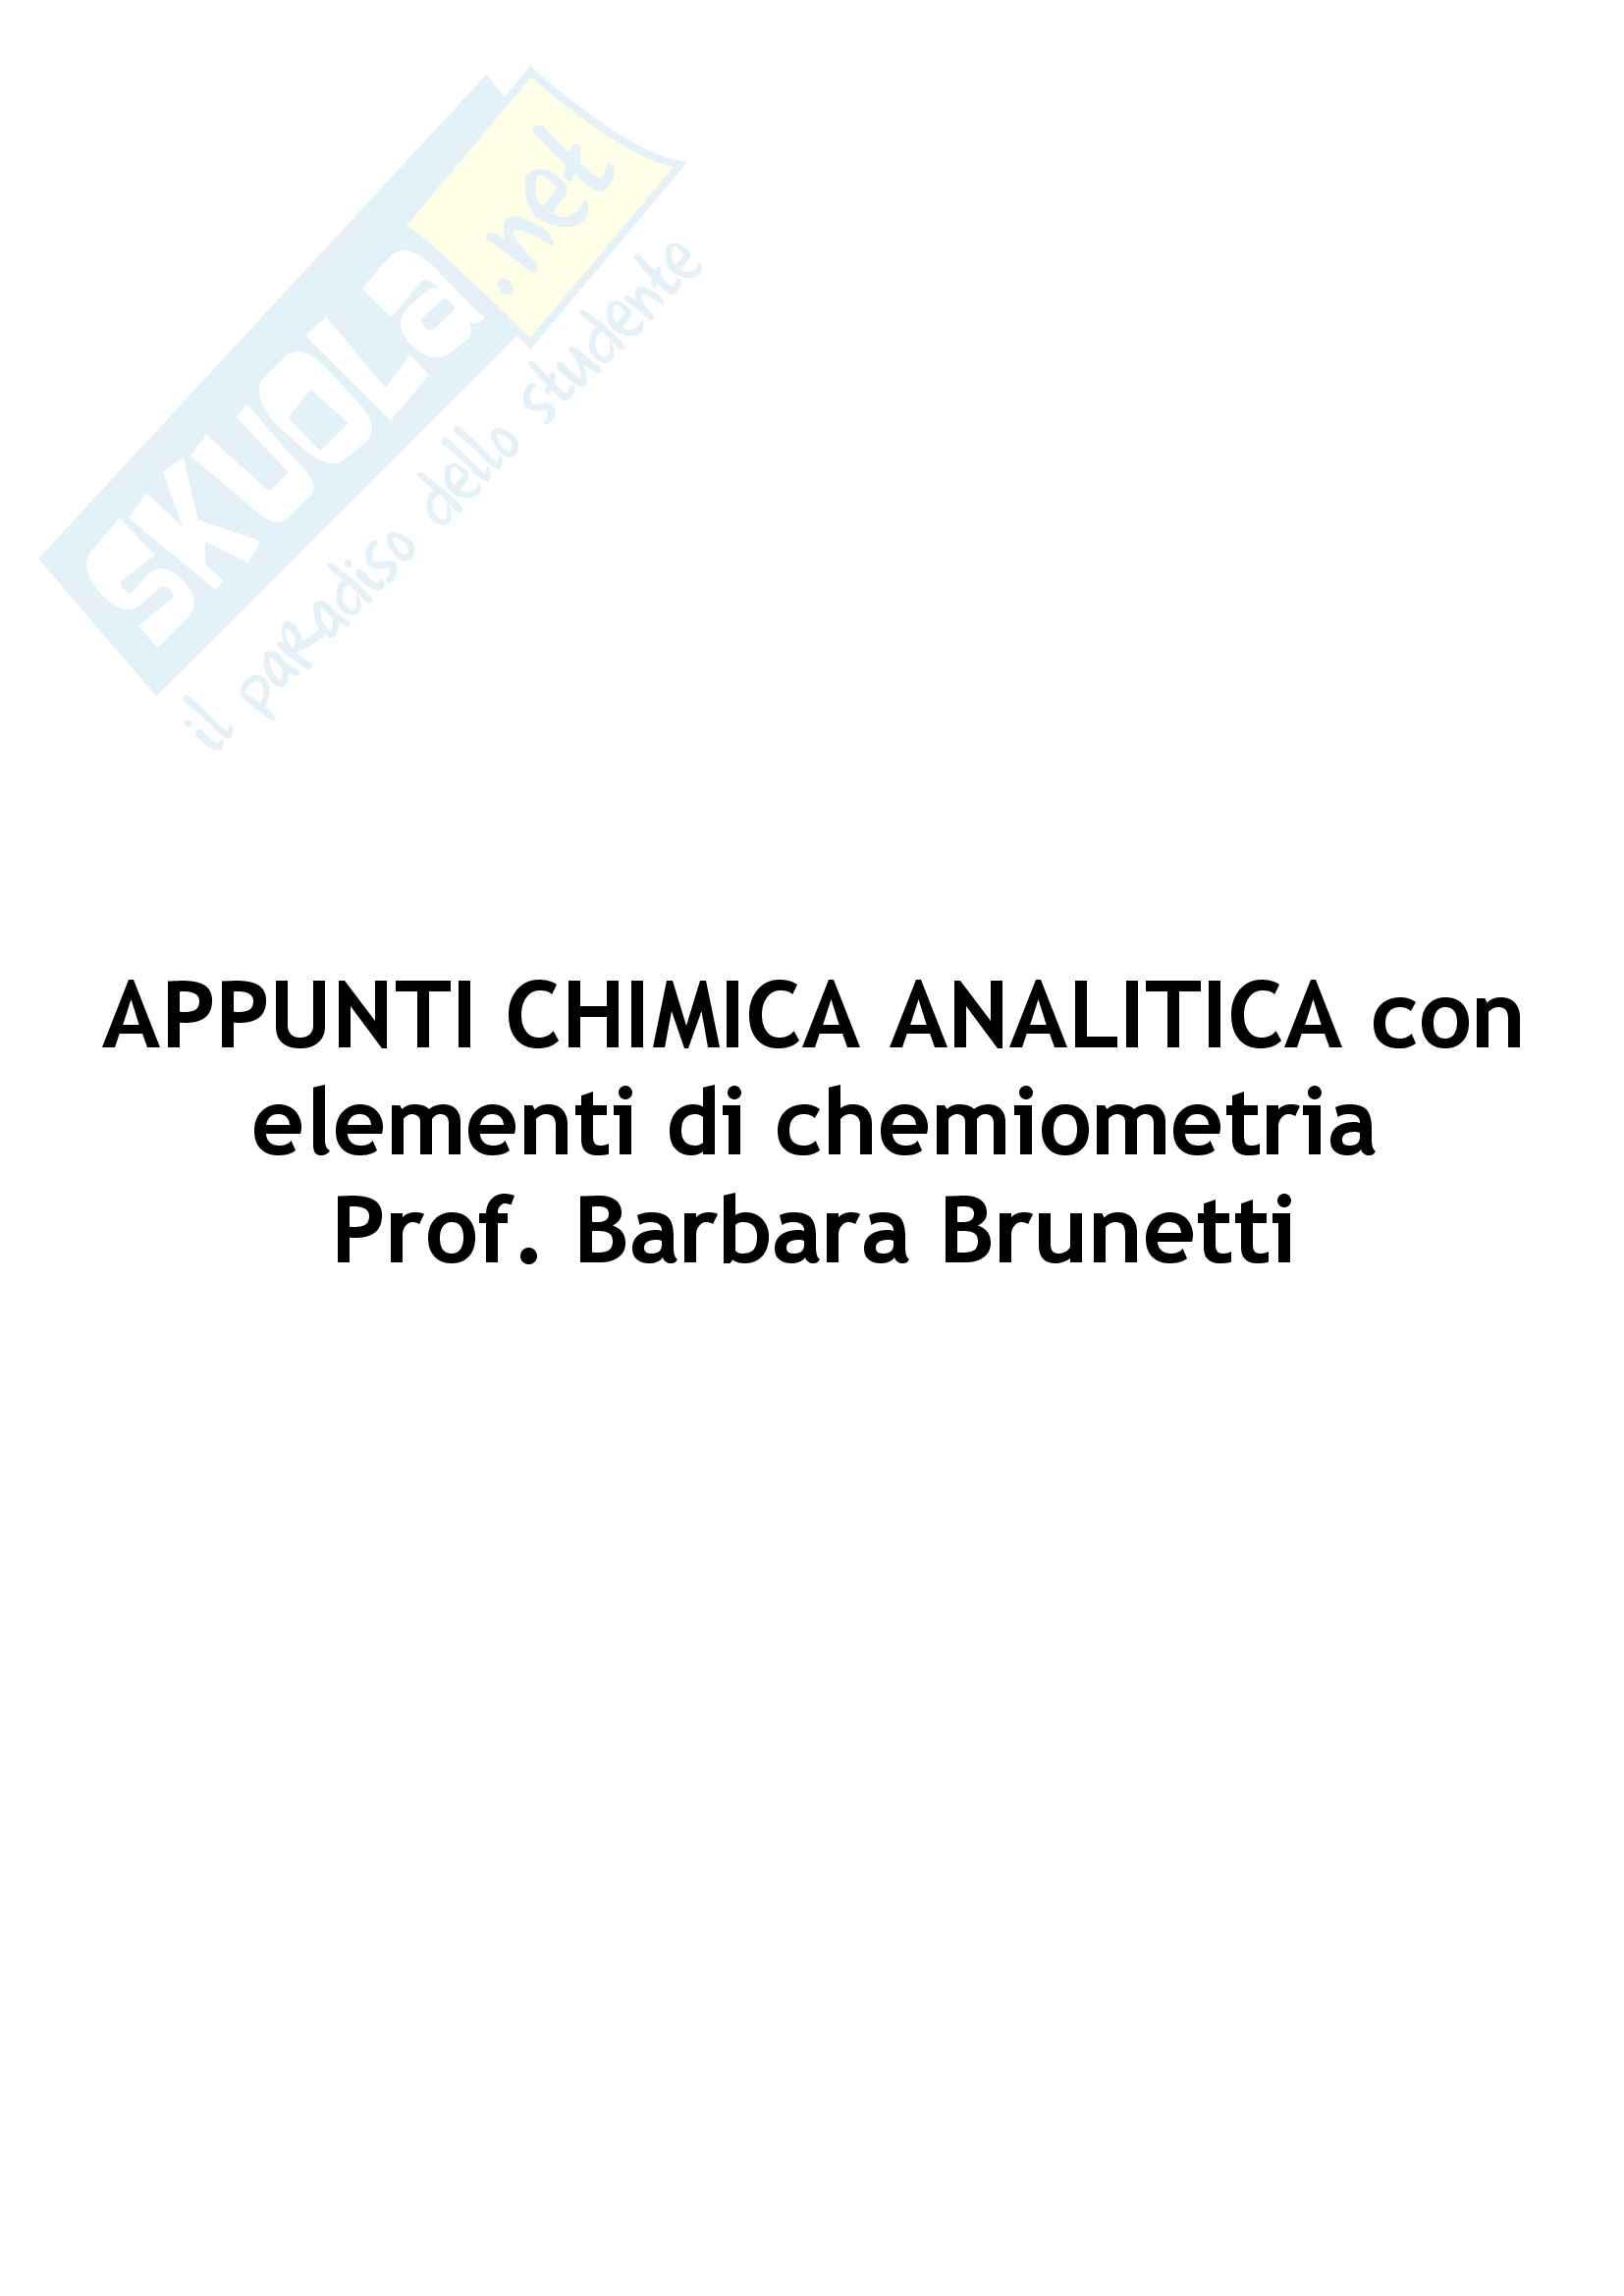 Chimica analitica con elementi di chemiometria